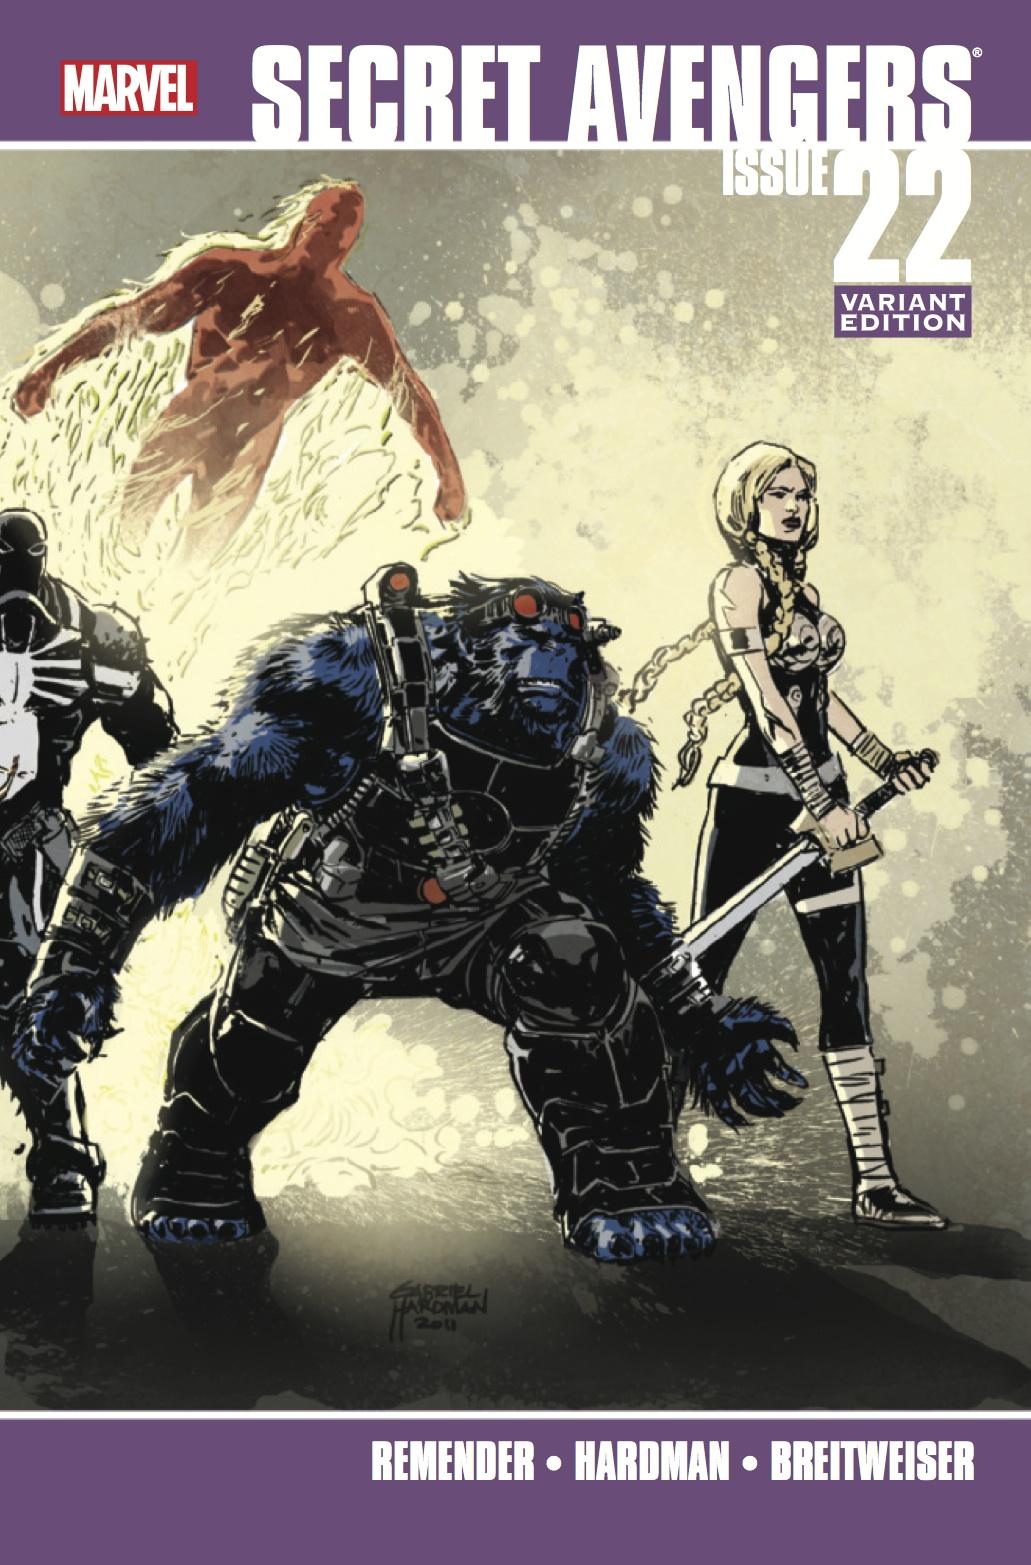 Secret Avengers (2010) #22 (Hardman Variant)